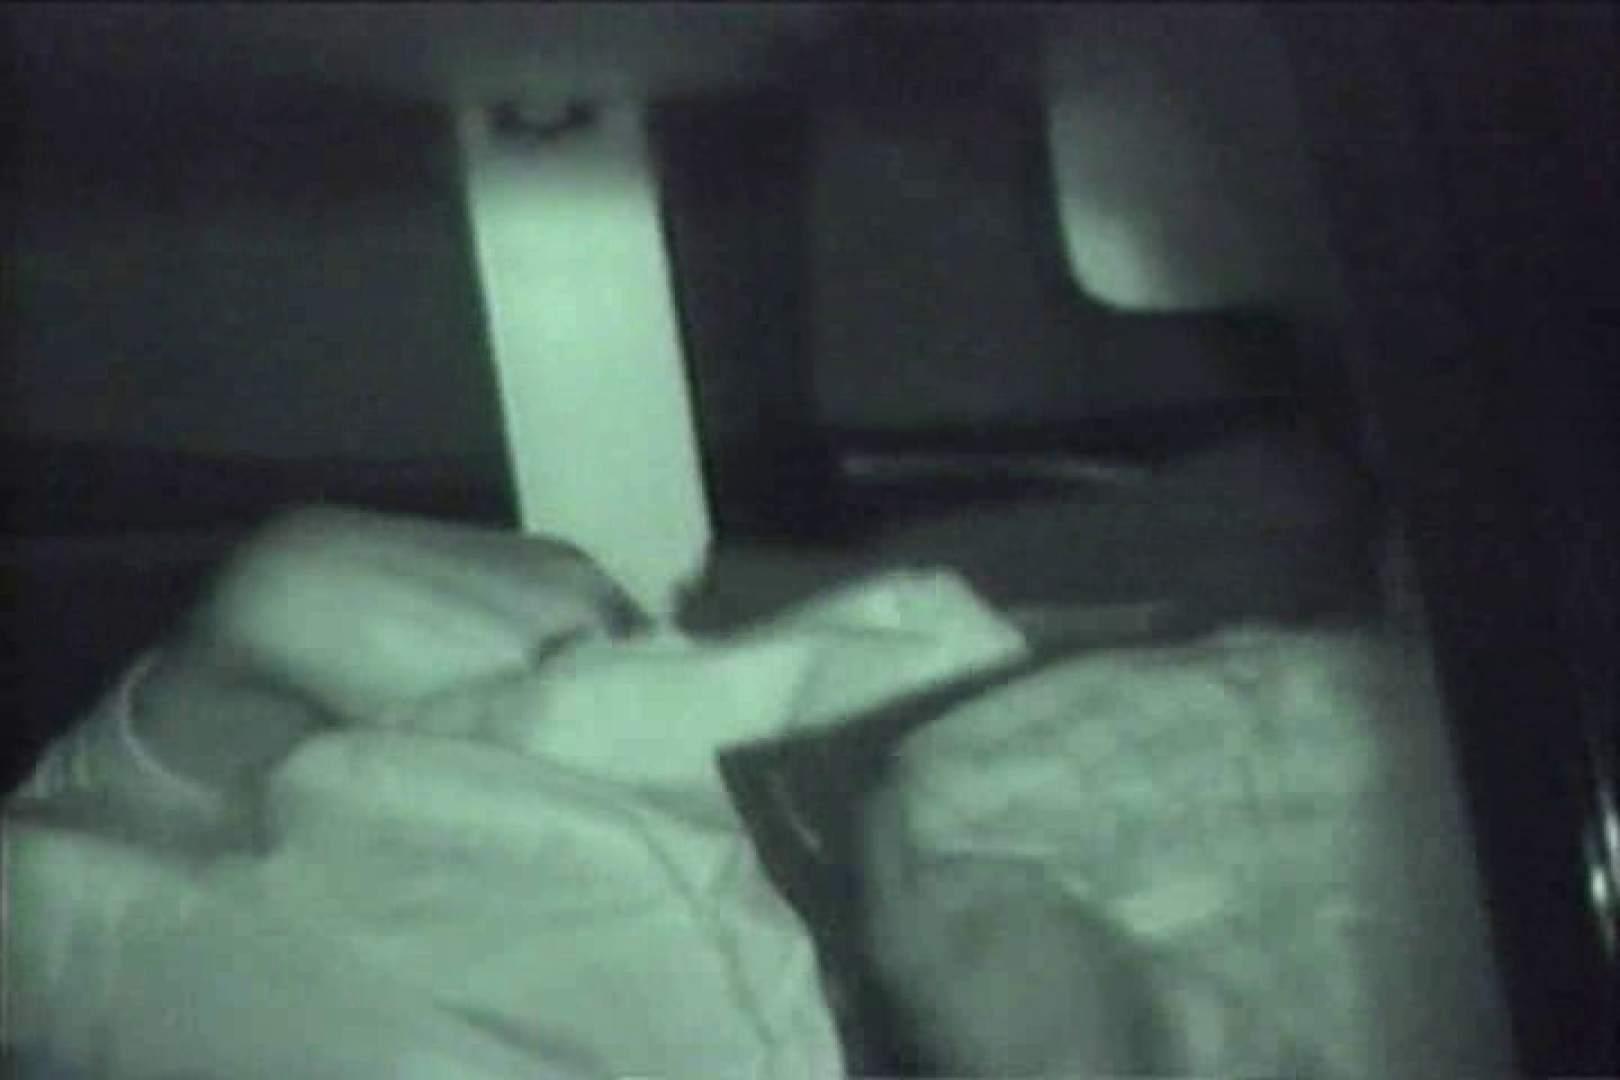 車の中はラブホテル 無修正版  Vol.17 ラブホテル SEX無修正画像 97画像 6